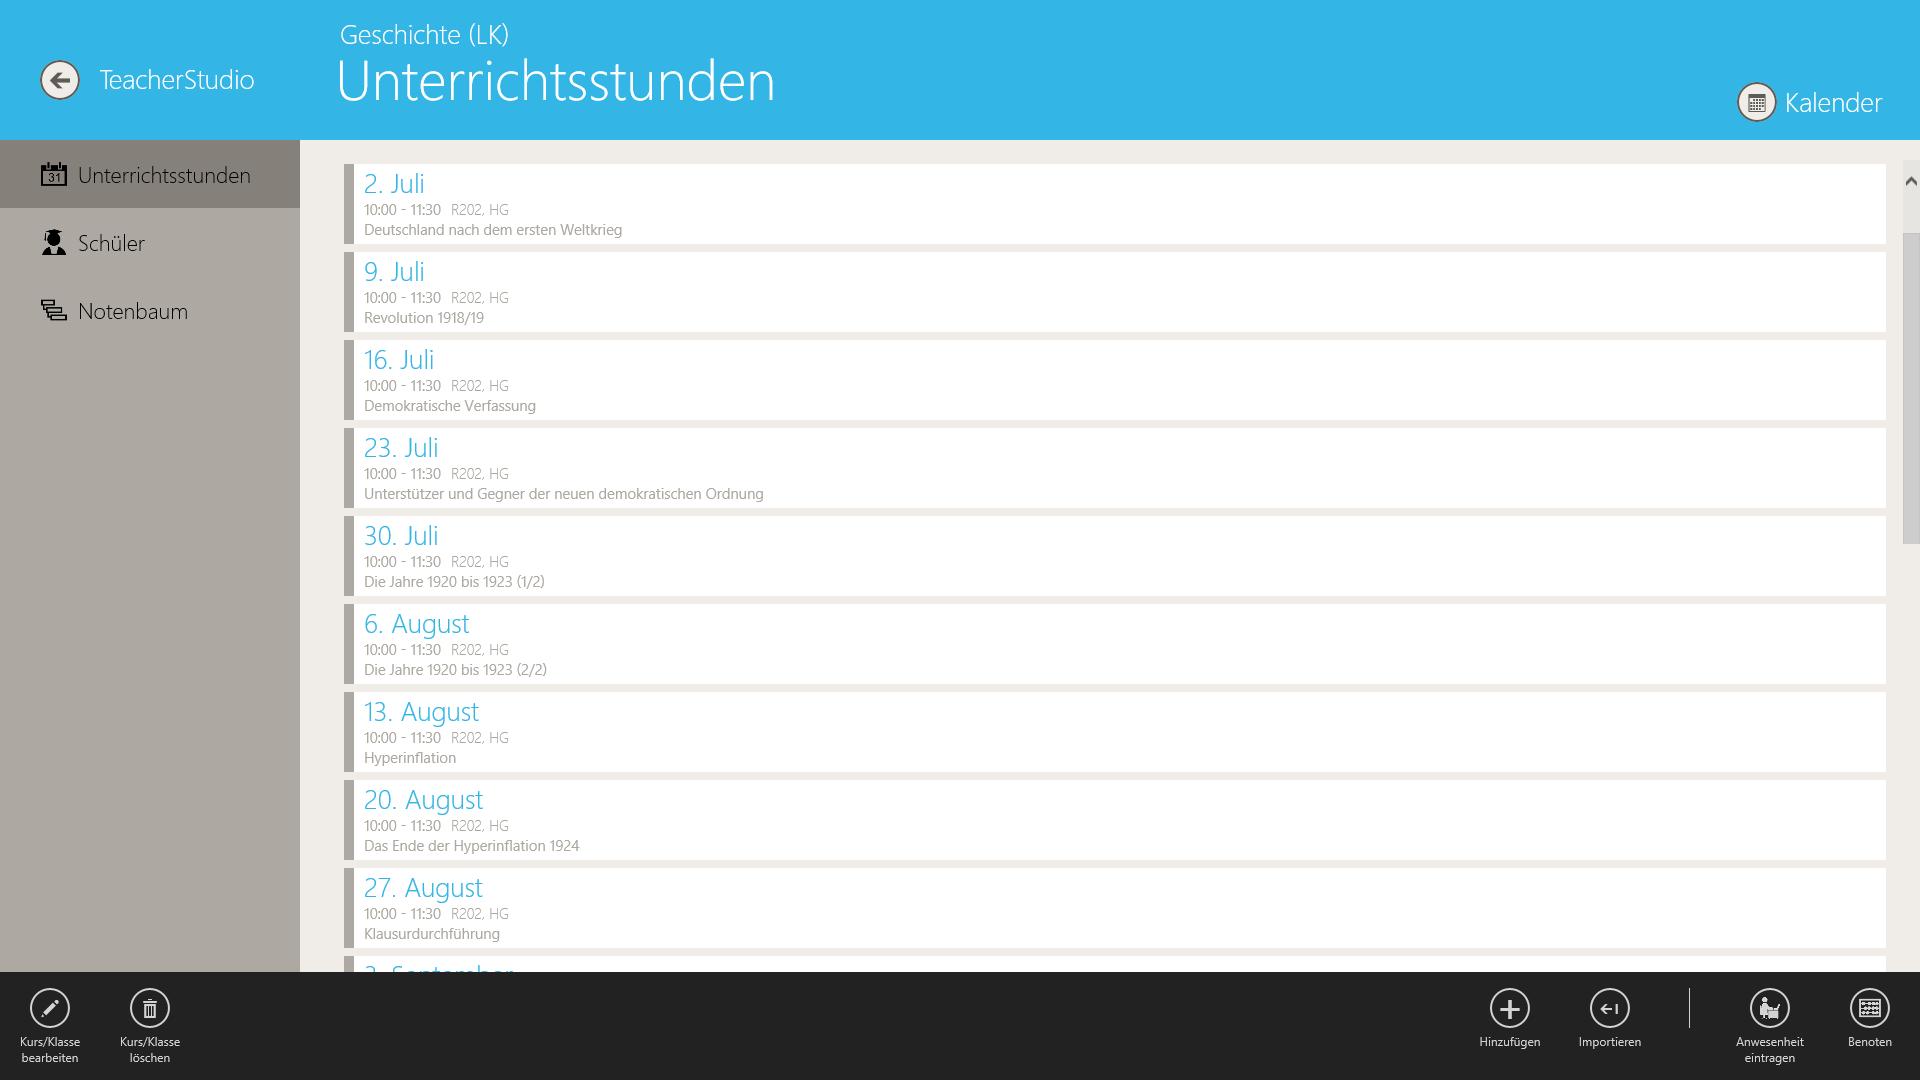 TeacherStudio-Handbuch-Windows-Kurs-Unterrichtsstunden